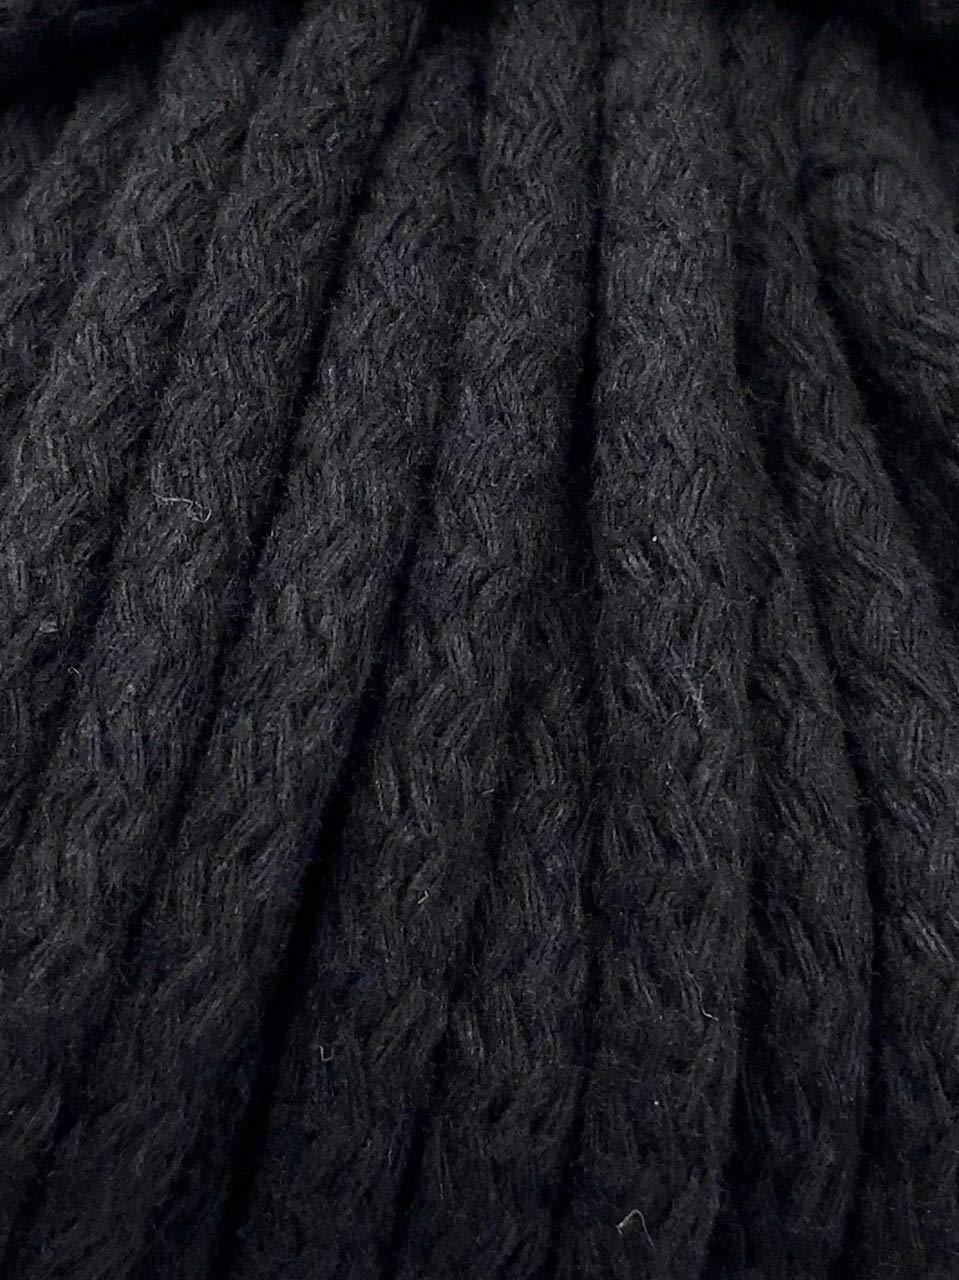 5m Kordel Baumwolle 8mm rund Schnur Turnbeutel Seil 4 Farben Slantastoffe 1m 3m Dunkelblau, 1m